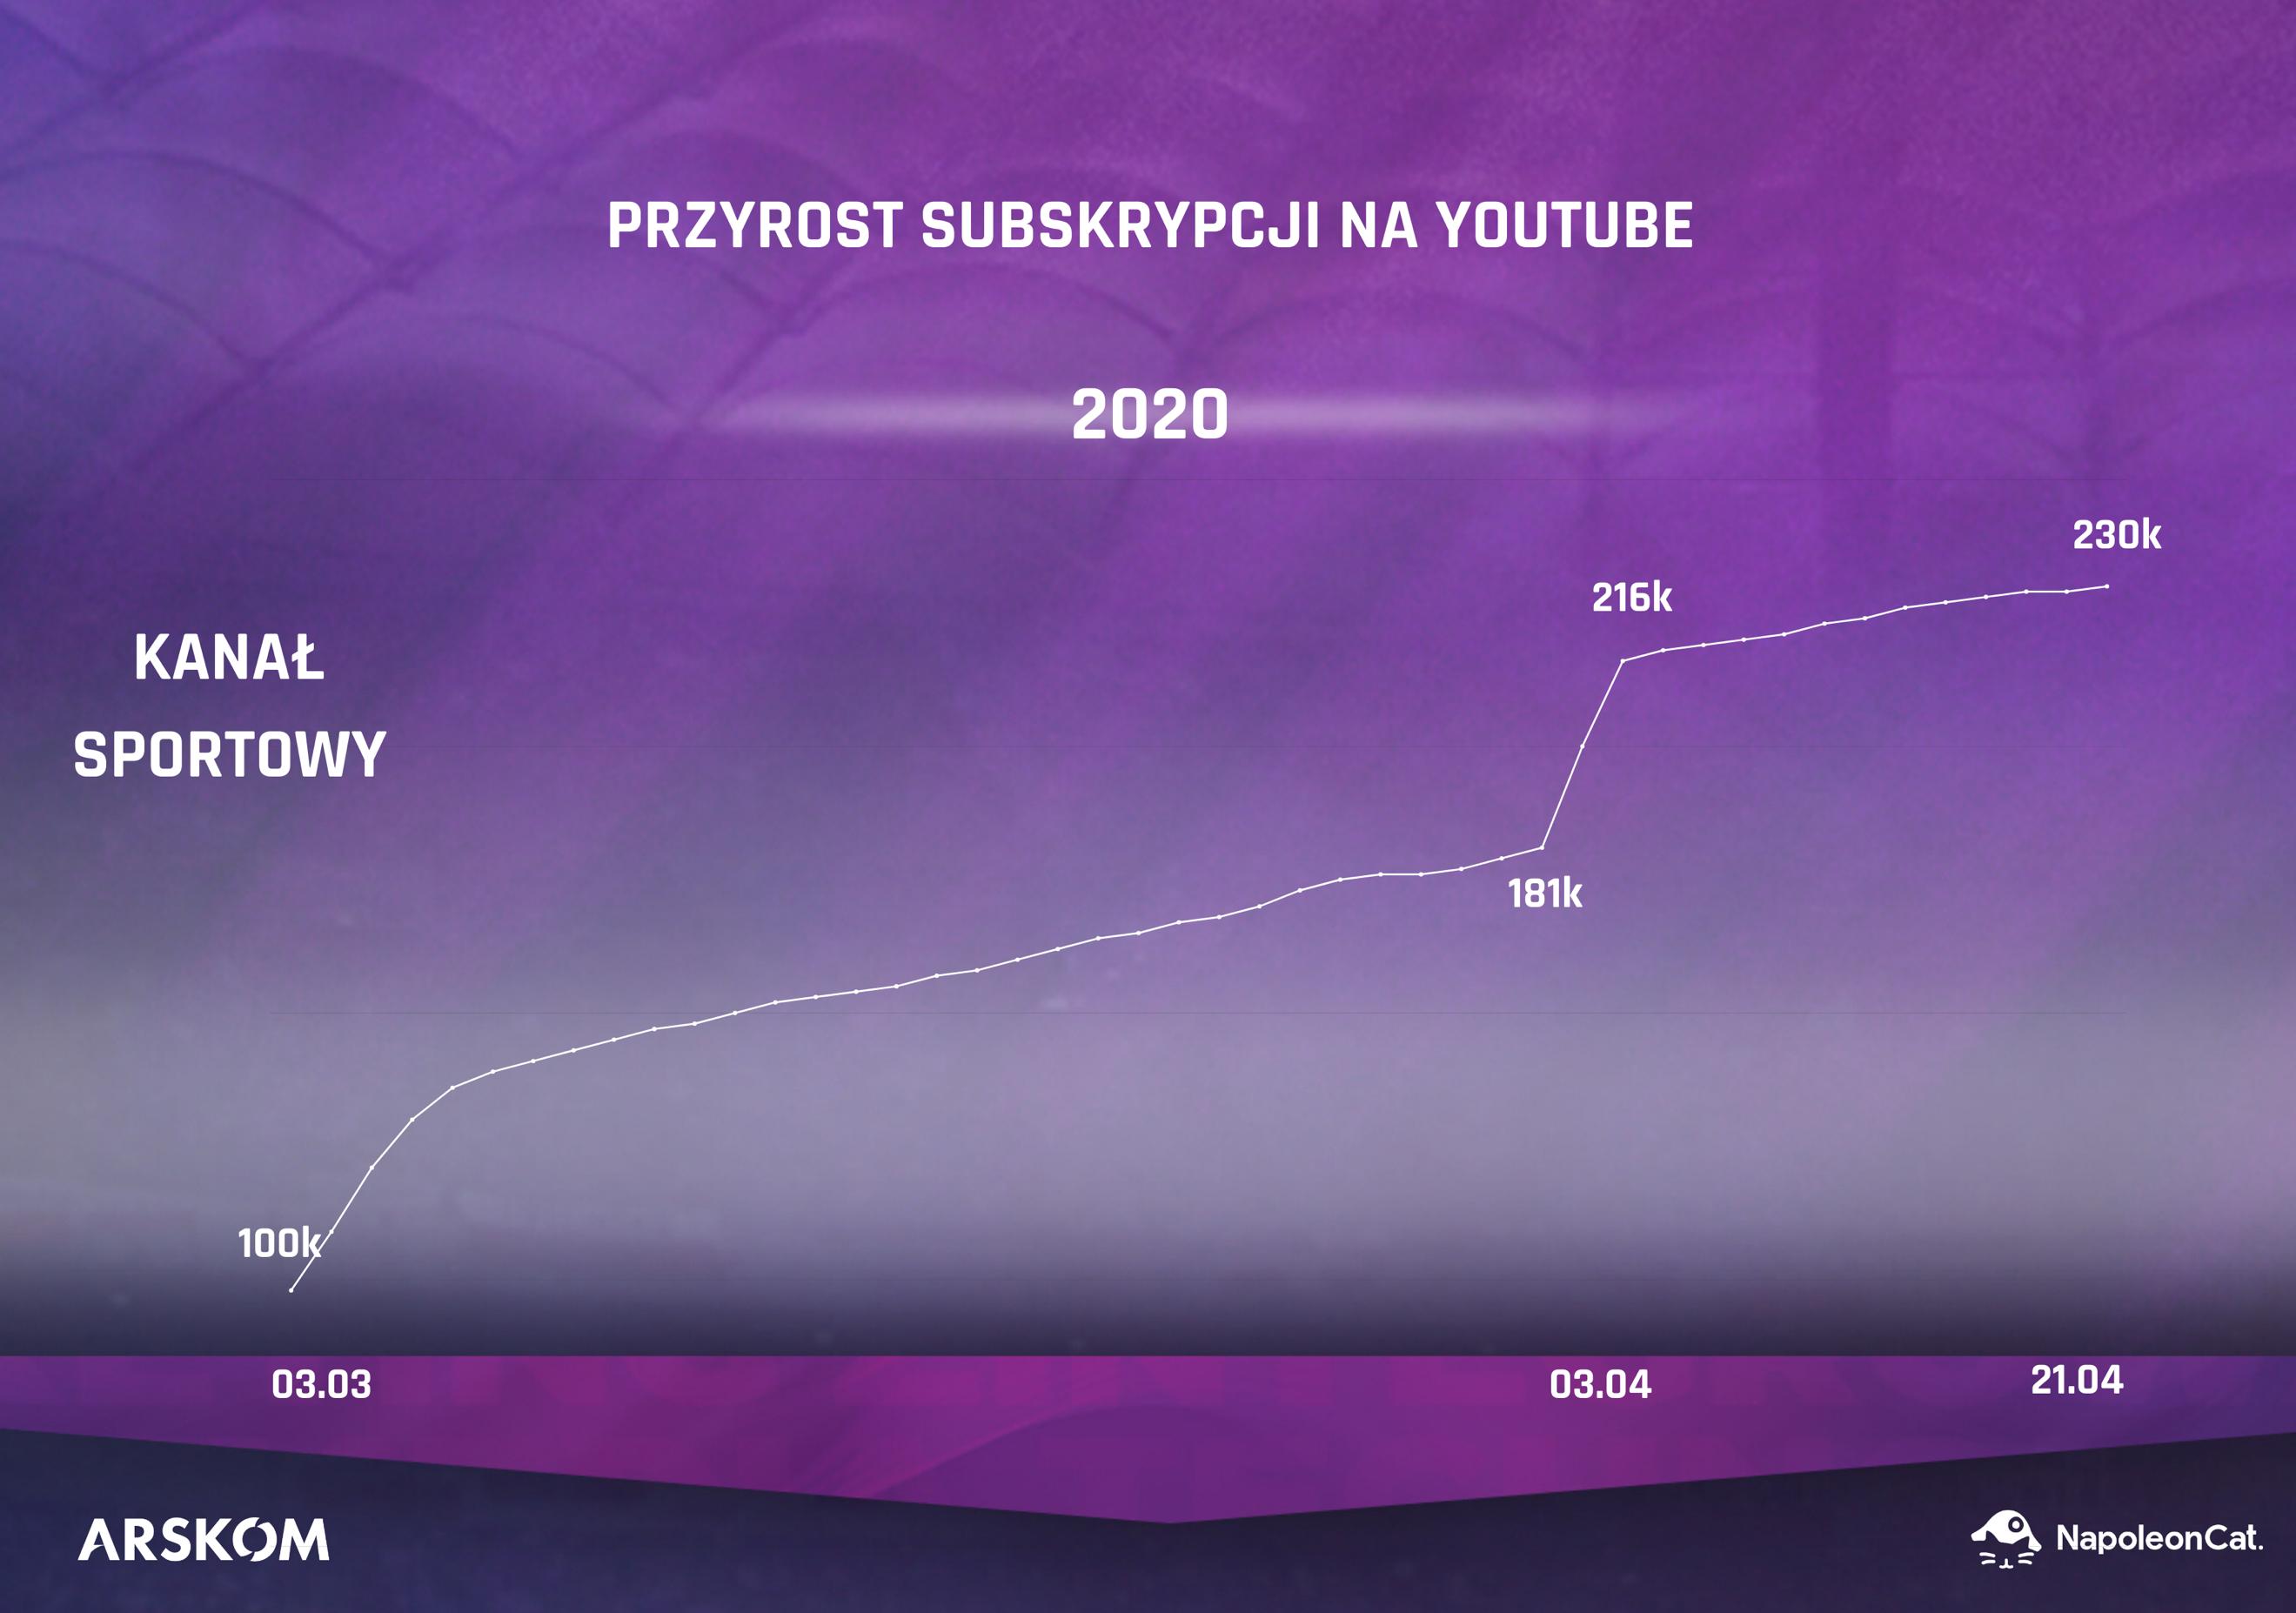 Subskrypcje YouTube kanał sportowy